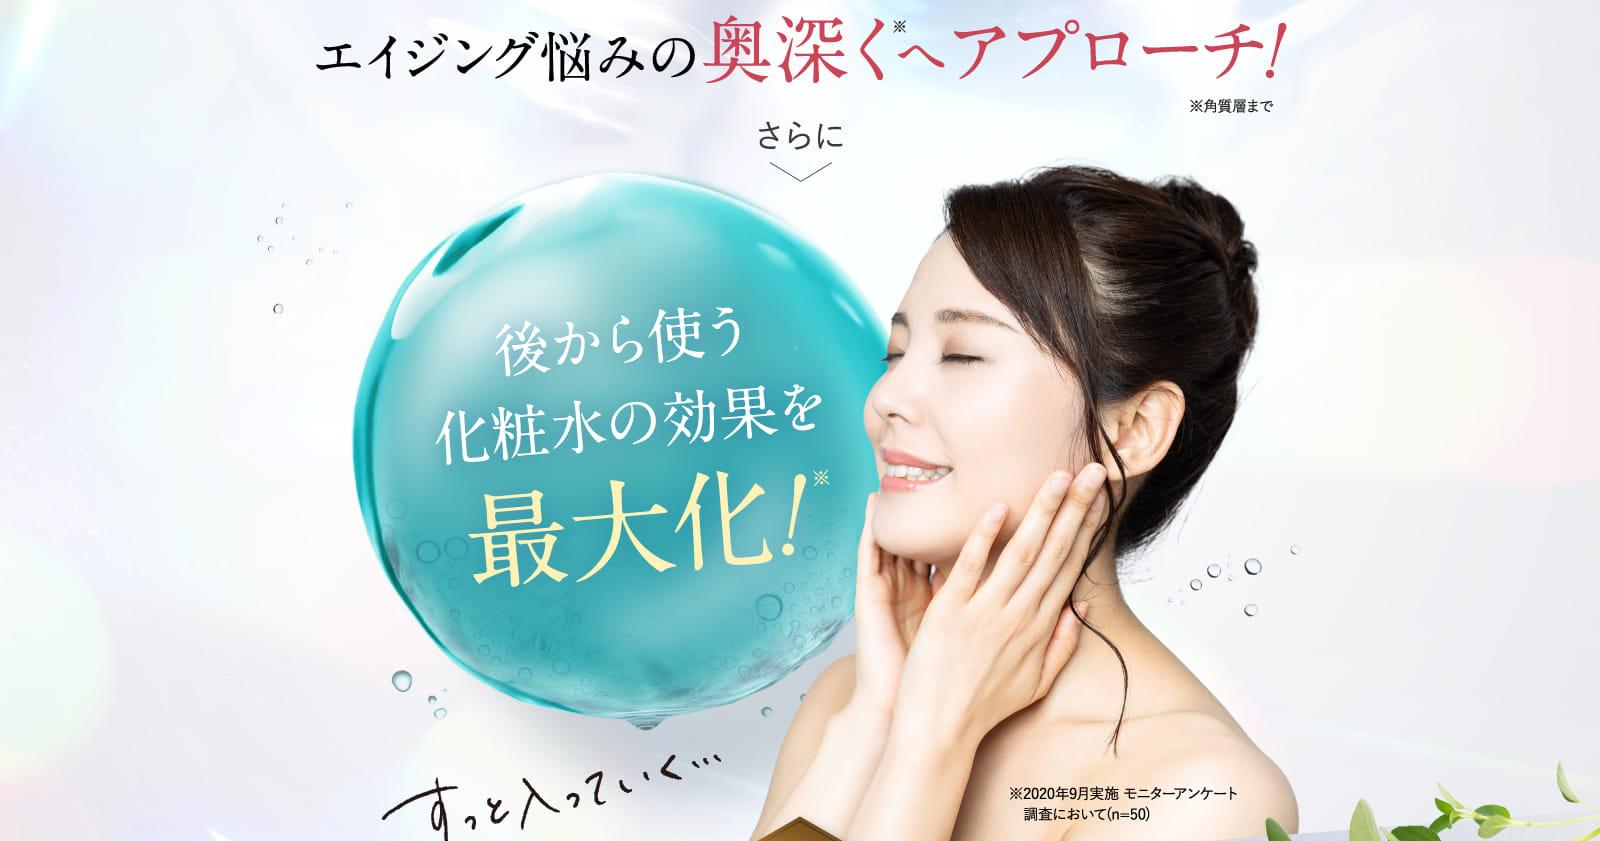 後から使う化粧水の効果を最大化!